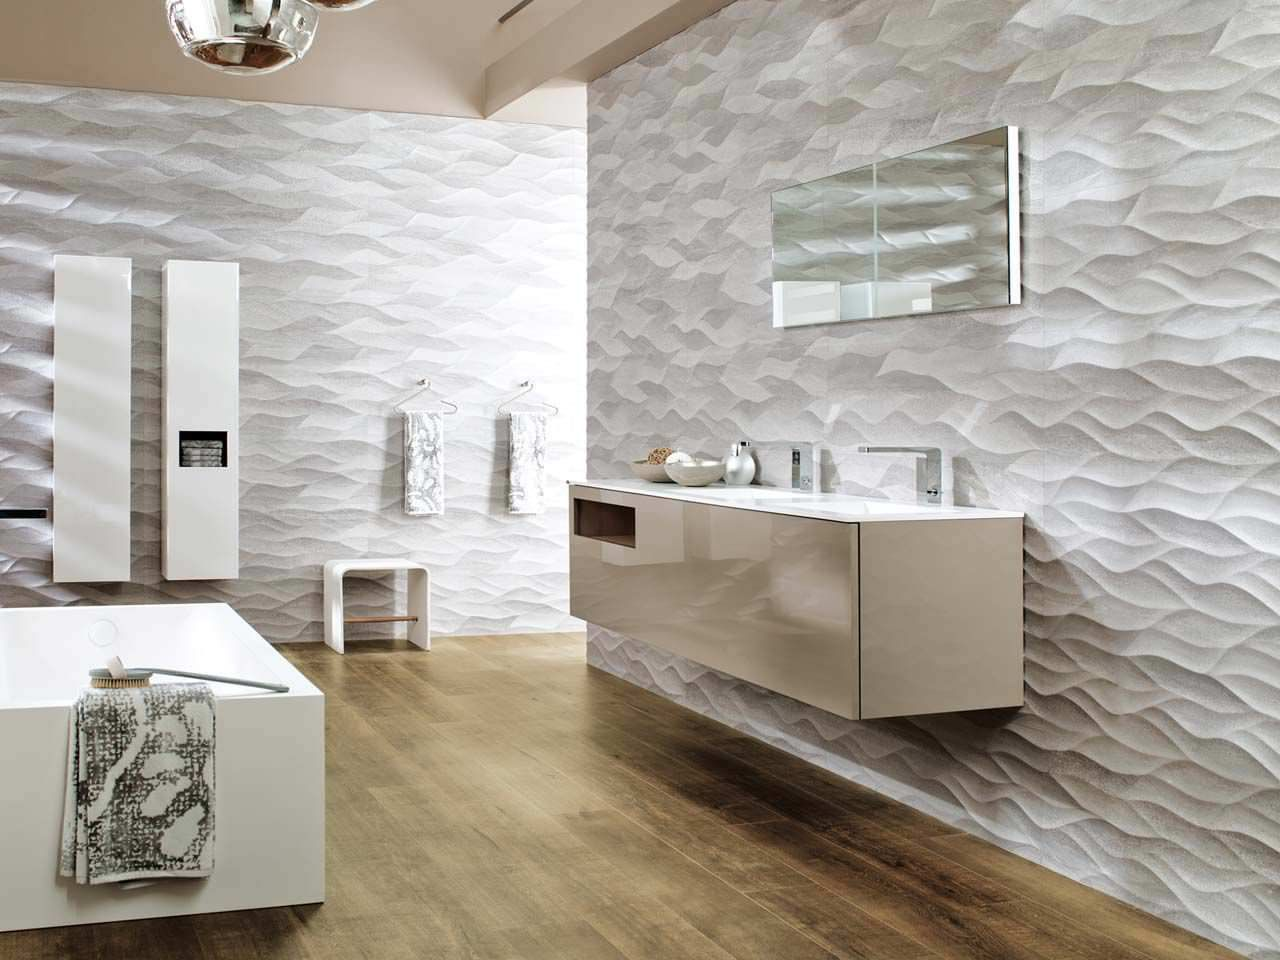 Carrelage de salle de bain mural en c ramique 3d ona - Salle de bain porcelanosa ...